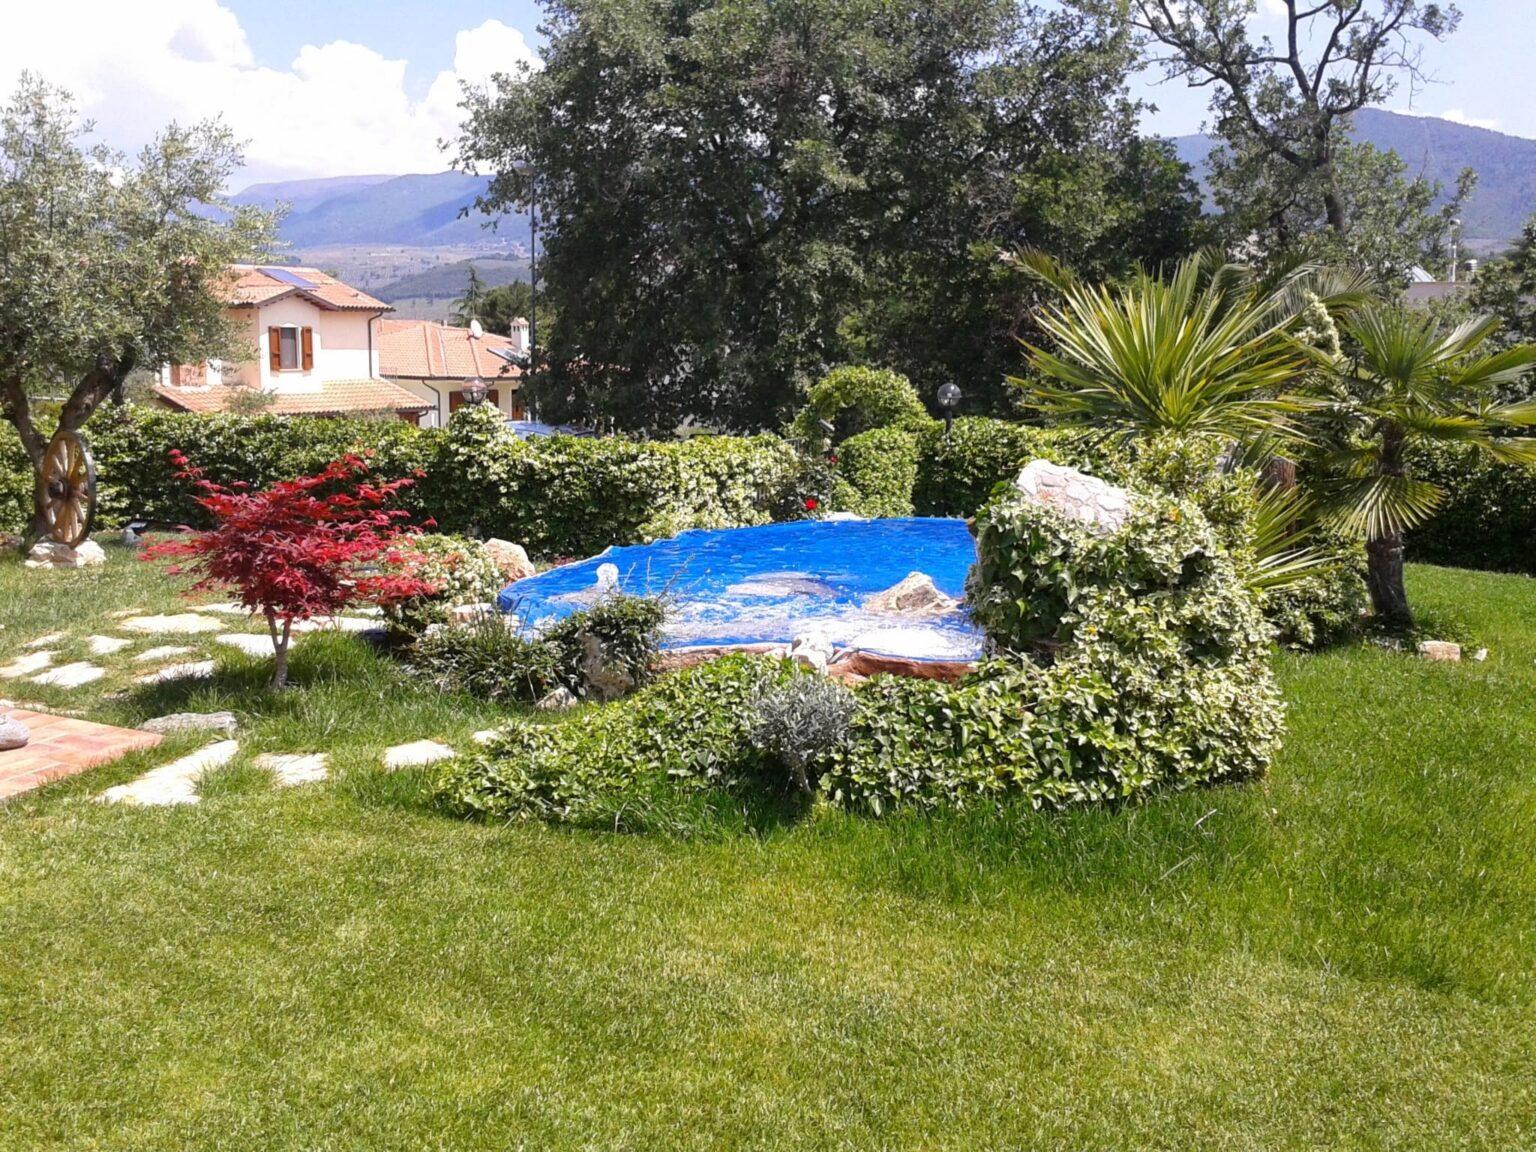 bio fontana in giardino